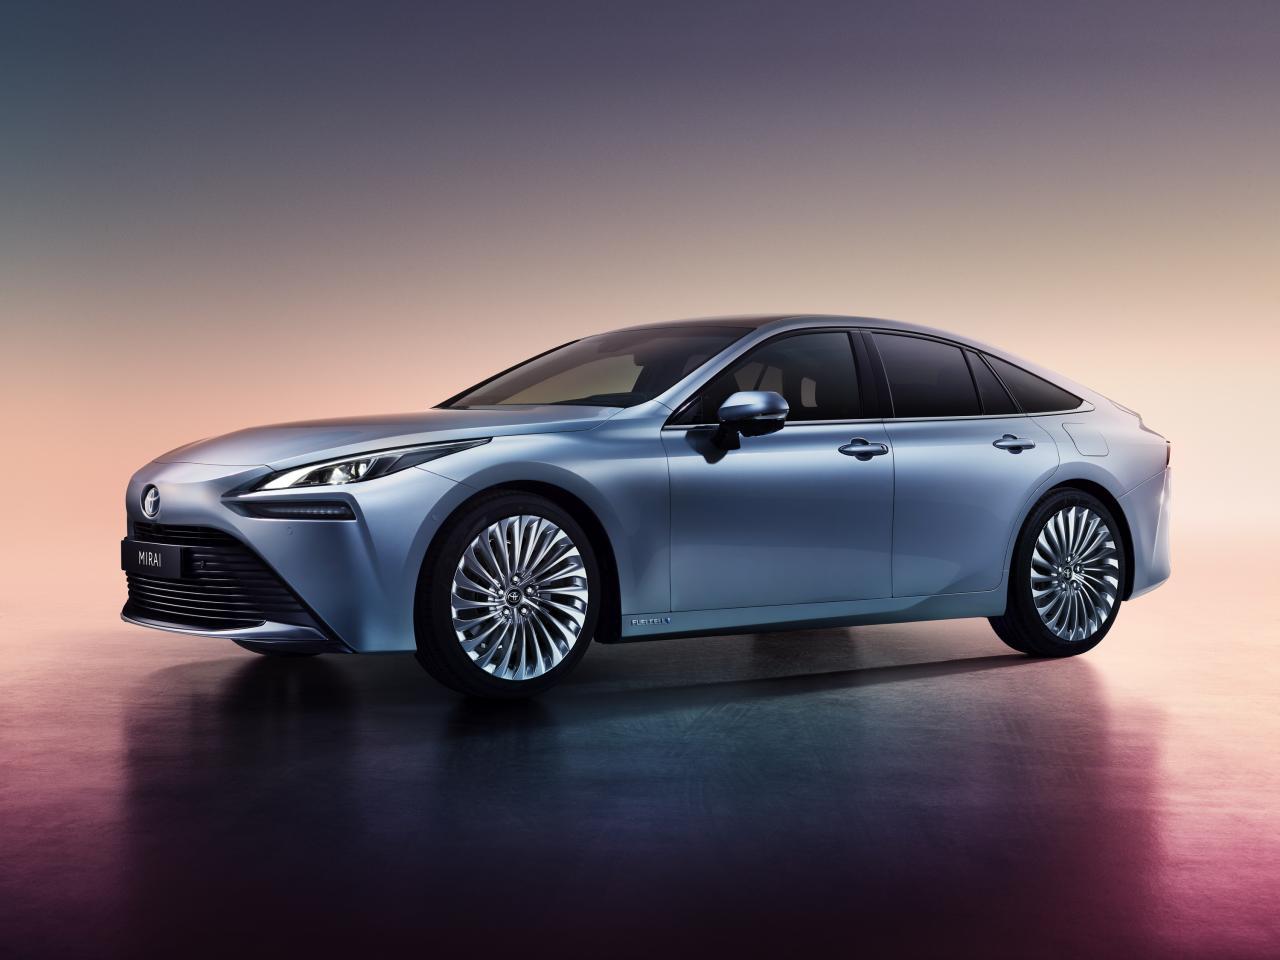 La Toyota Mirai propulsée à l'hydrogène, prévue en 2020, promet 650 km d'autonomie